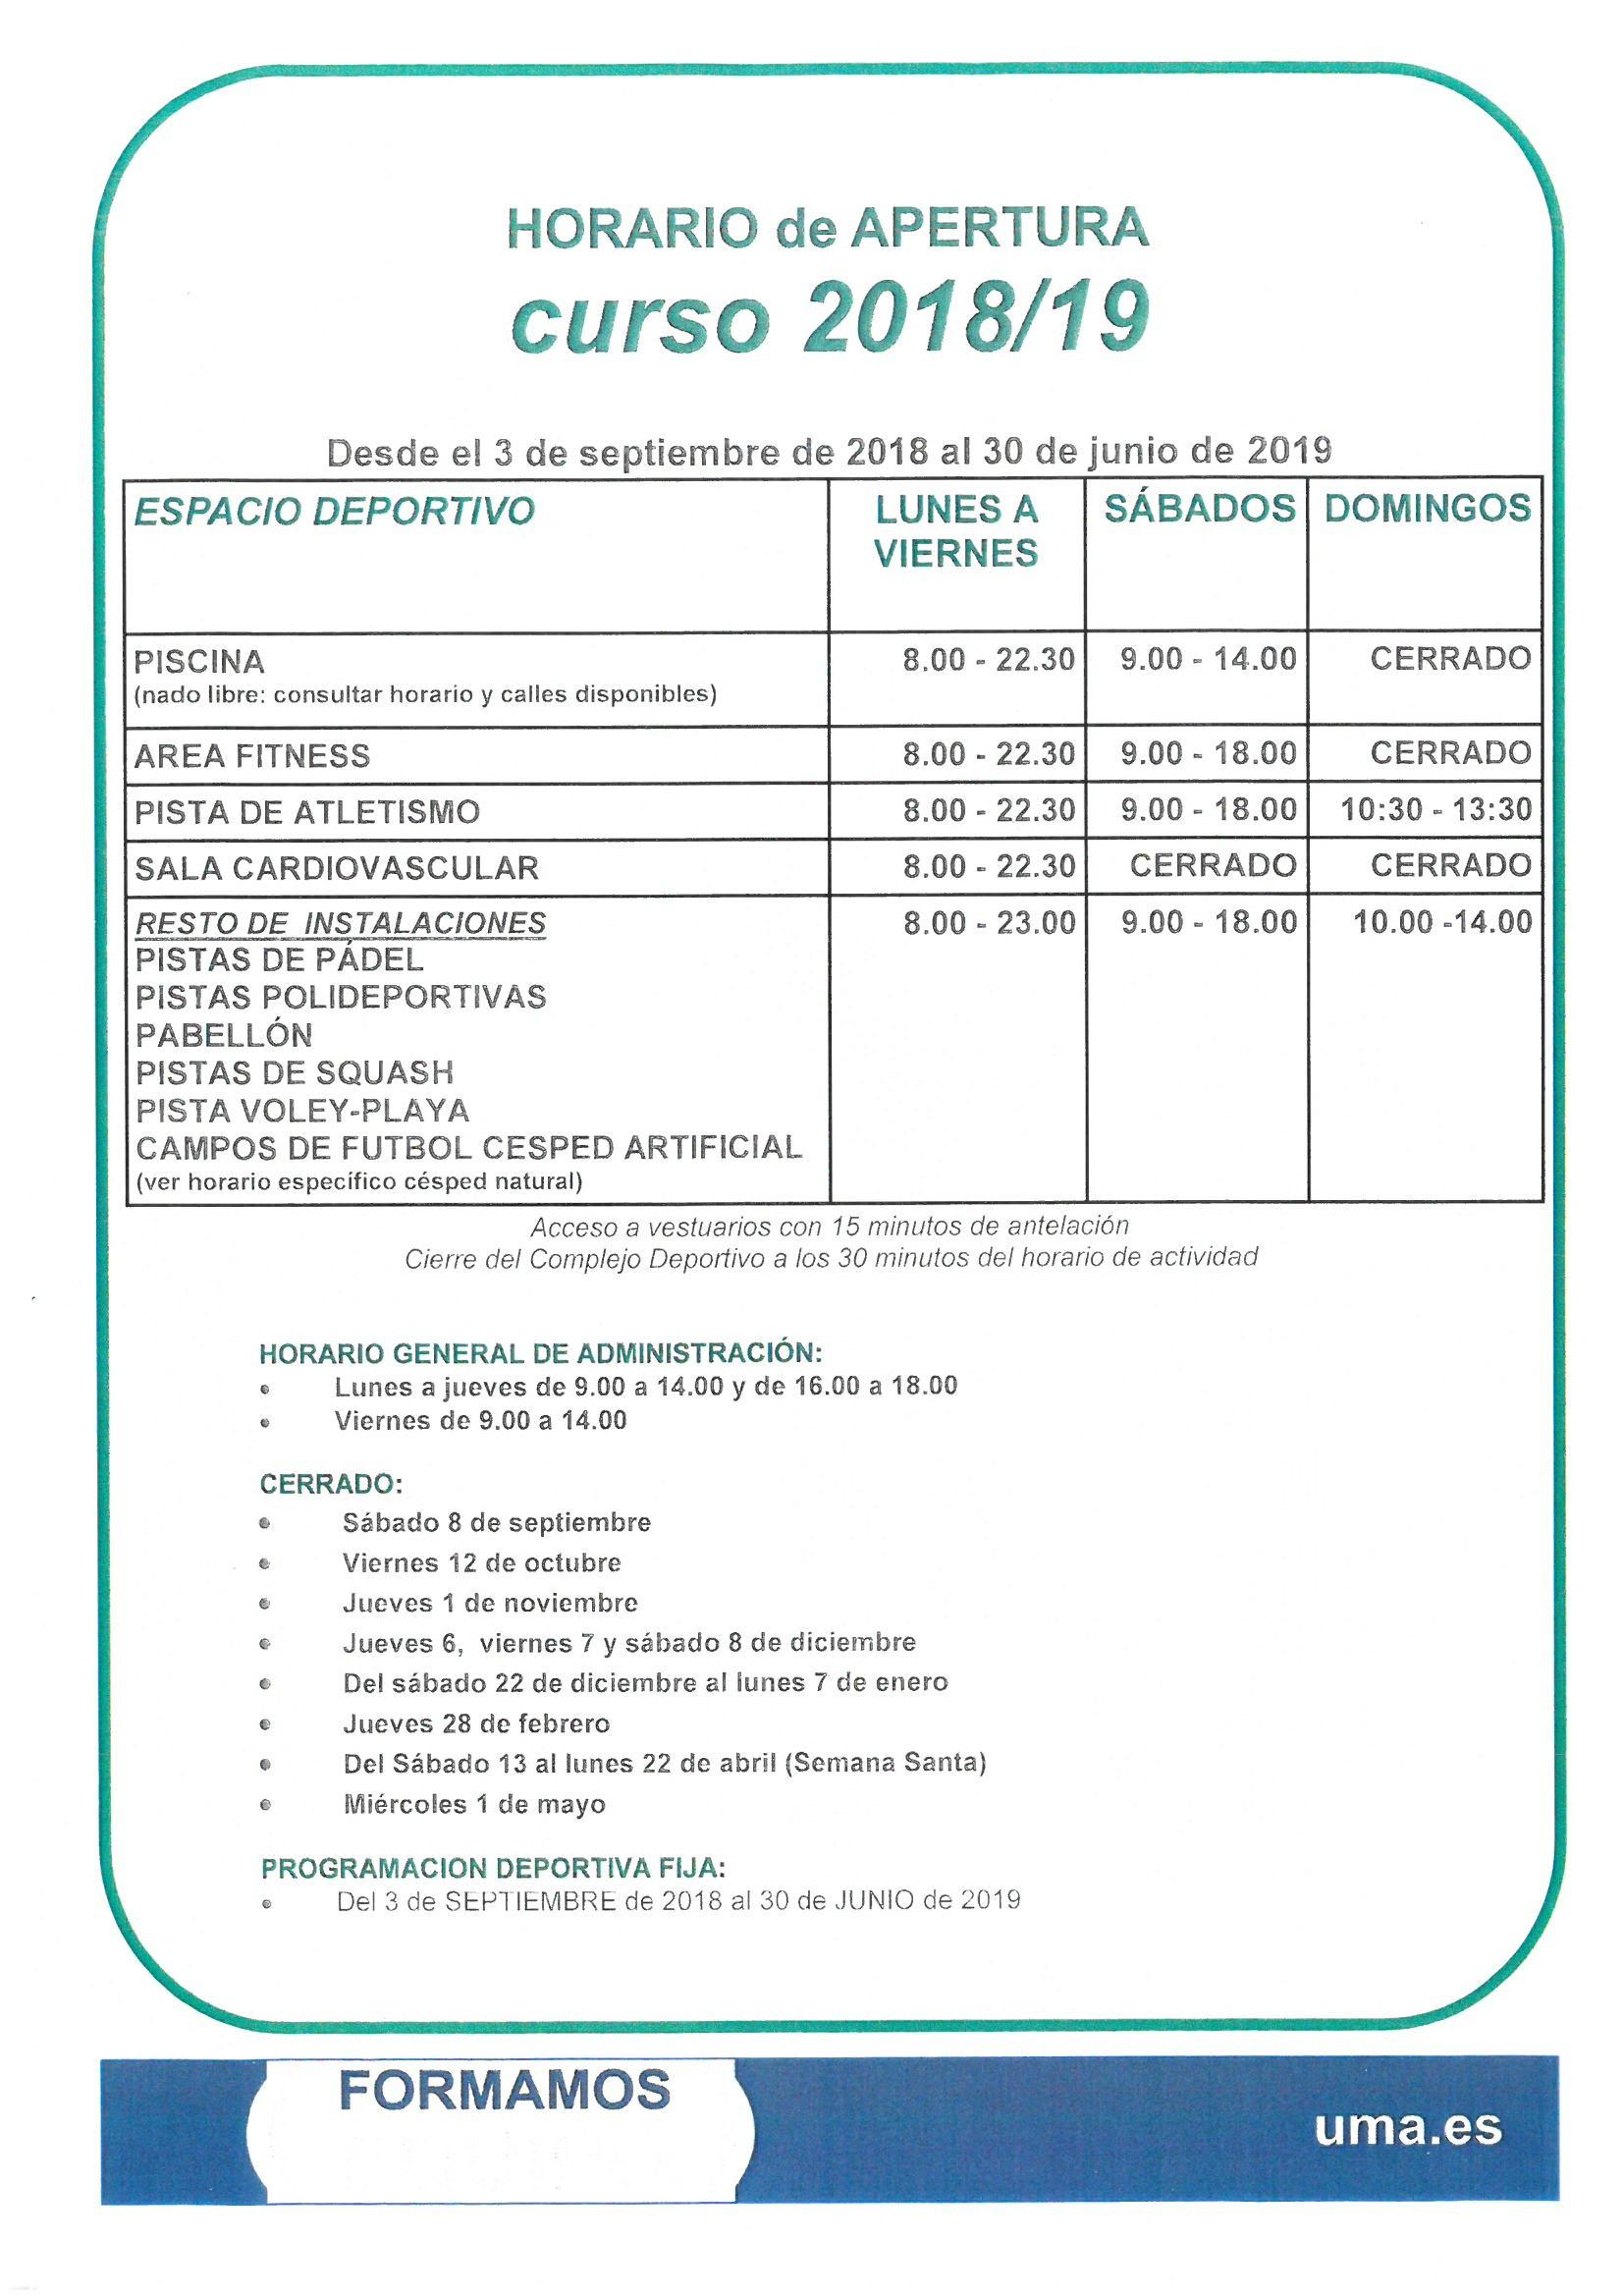 Calendario 2019 Con Festivos En andalucia Más Actual Deportes Deportes Universidad De Málaga Of Calendario 2019 Con Festivos En andalucia Más Recientes Spj Uso Publicado En Boe El Calendario Laboral De 2019